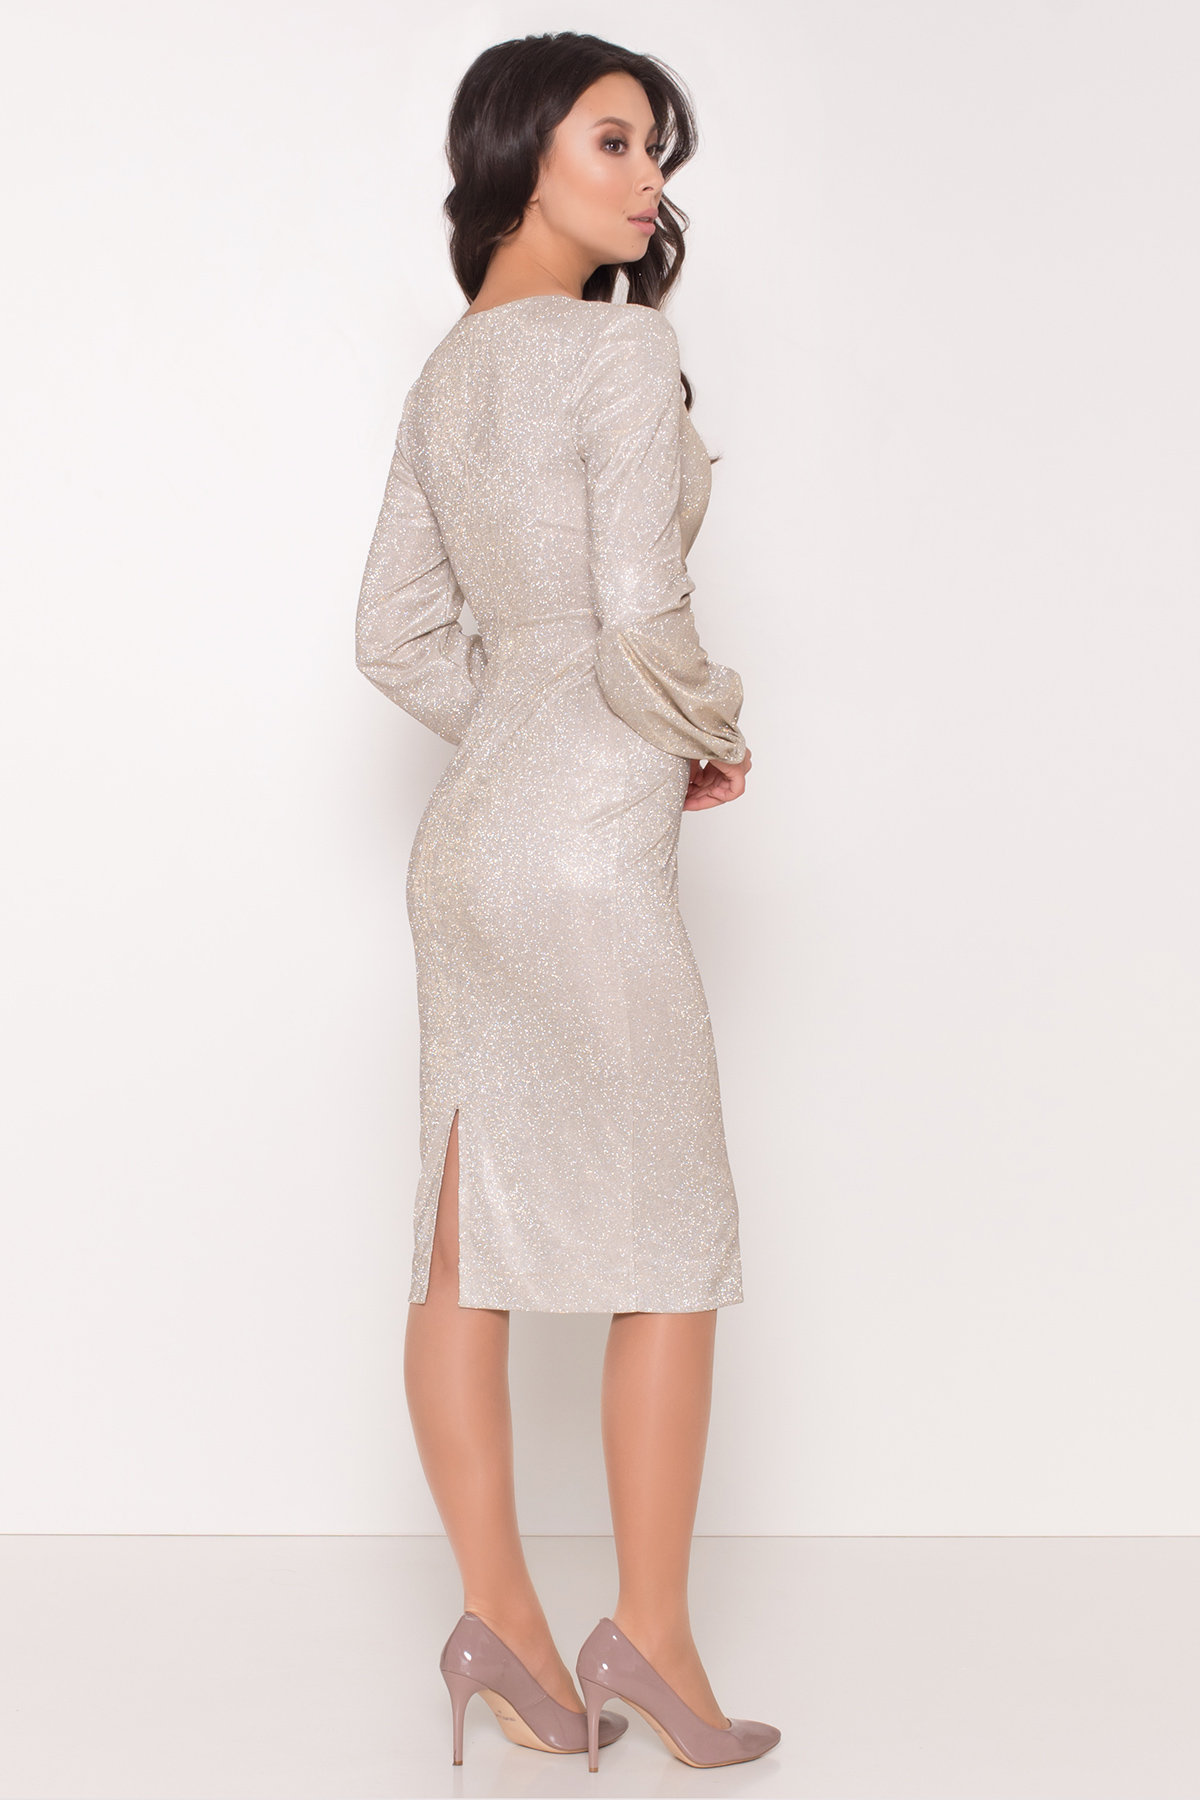 Нарядное платье с люрексом Фаселис 8527 АРТ. 44895 Цвет: Серебро/золото - фото 5, интернет магазин tm-modus.ru